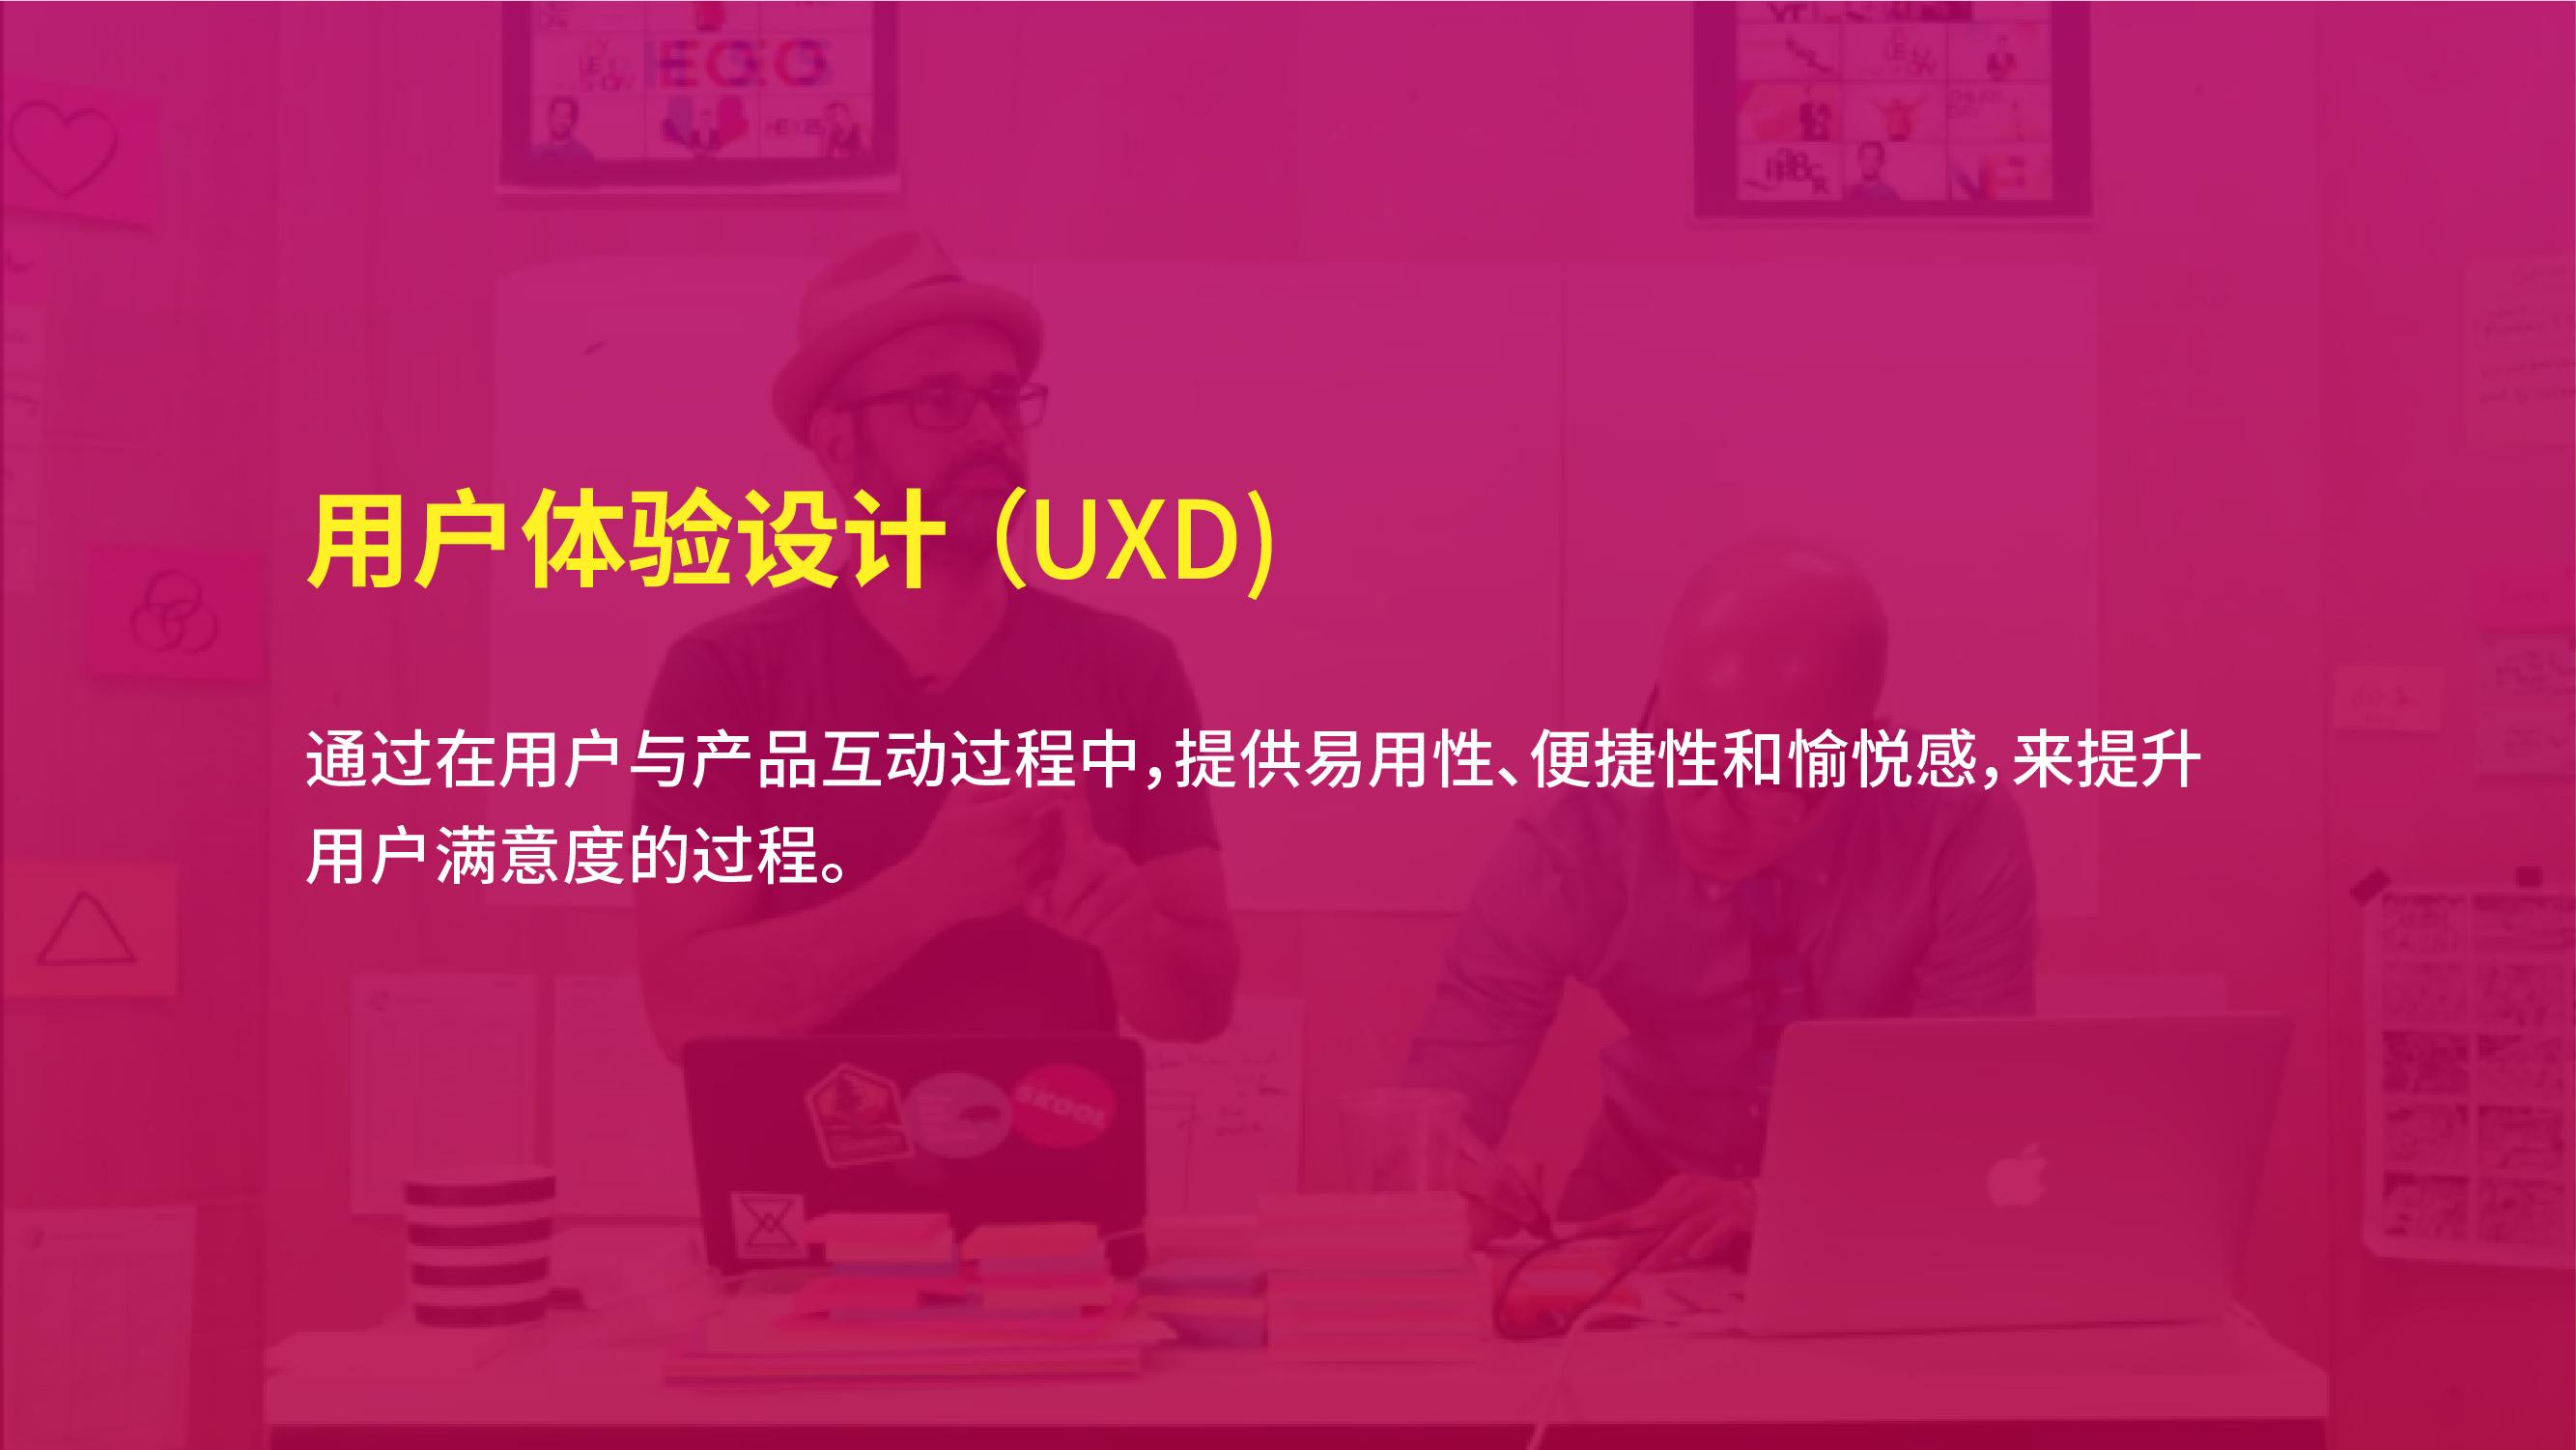 网页设计与用户体验!用户体验设计的定义&过程